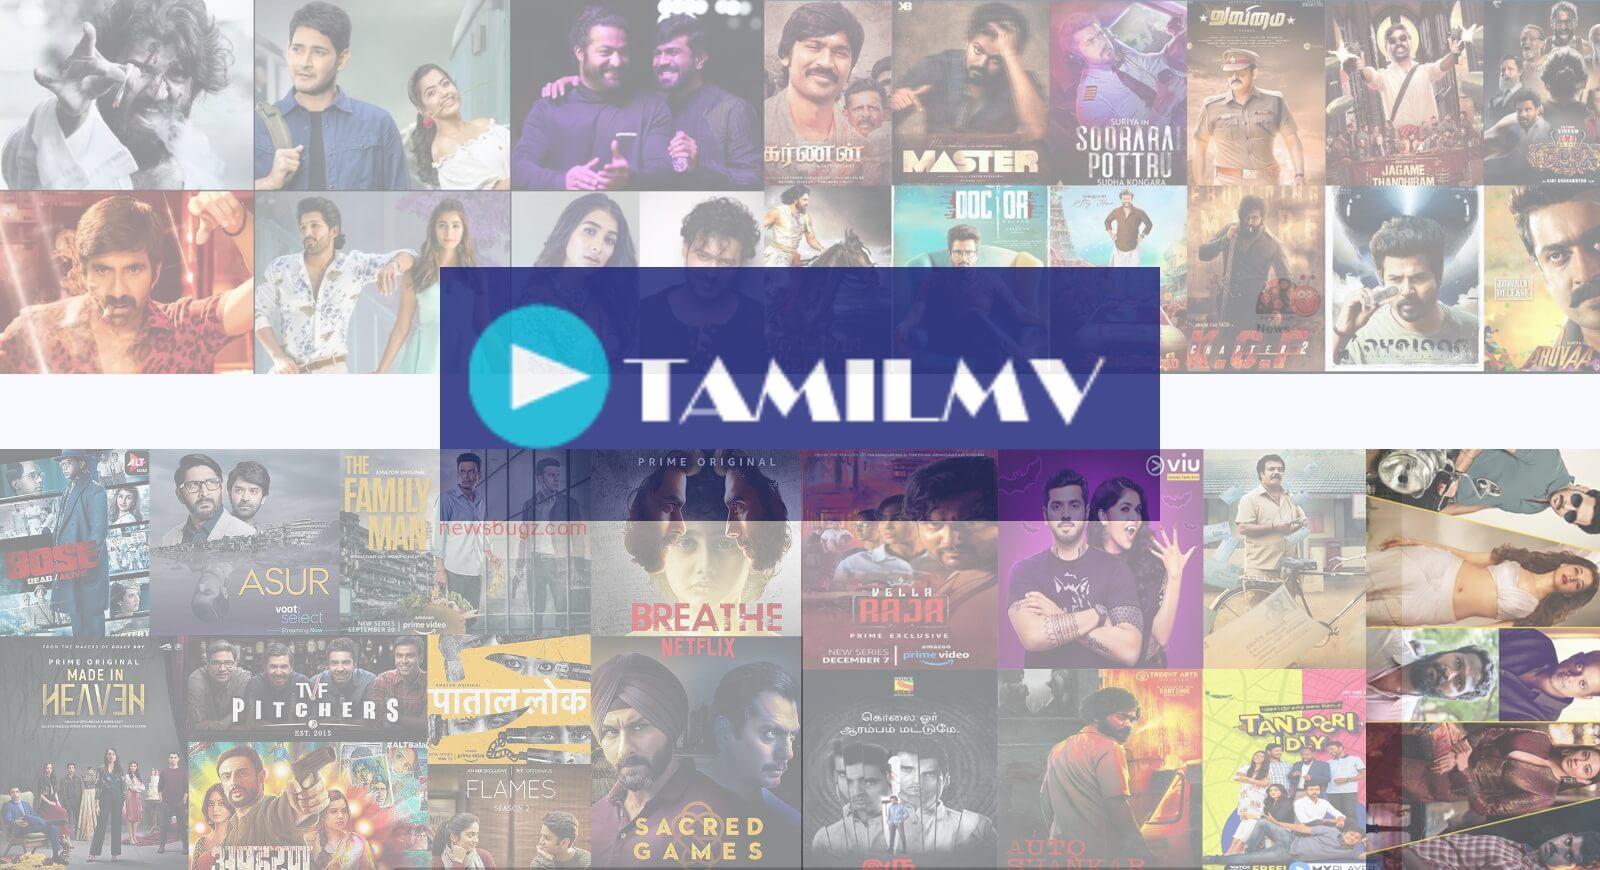 1TamilMV